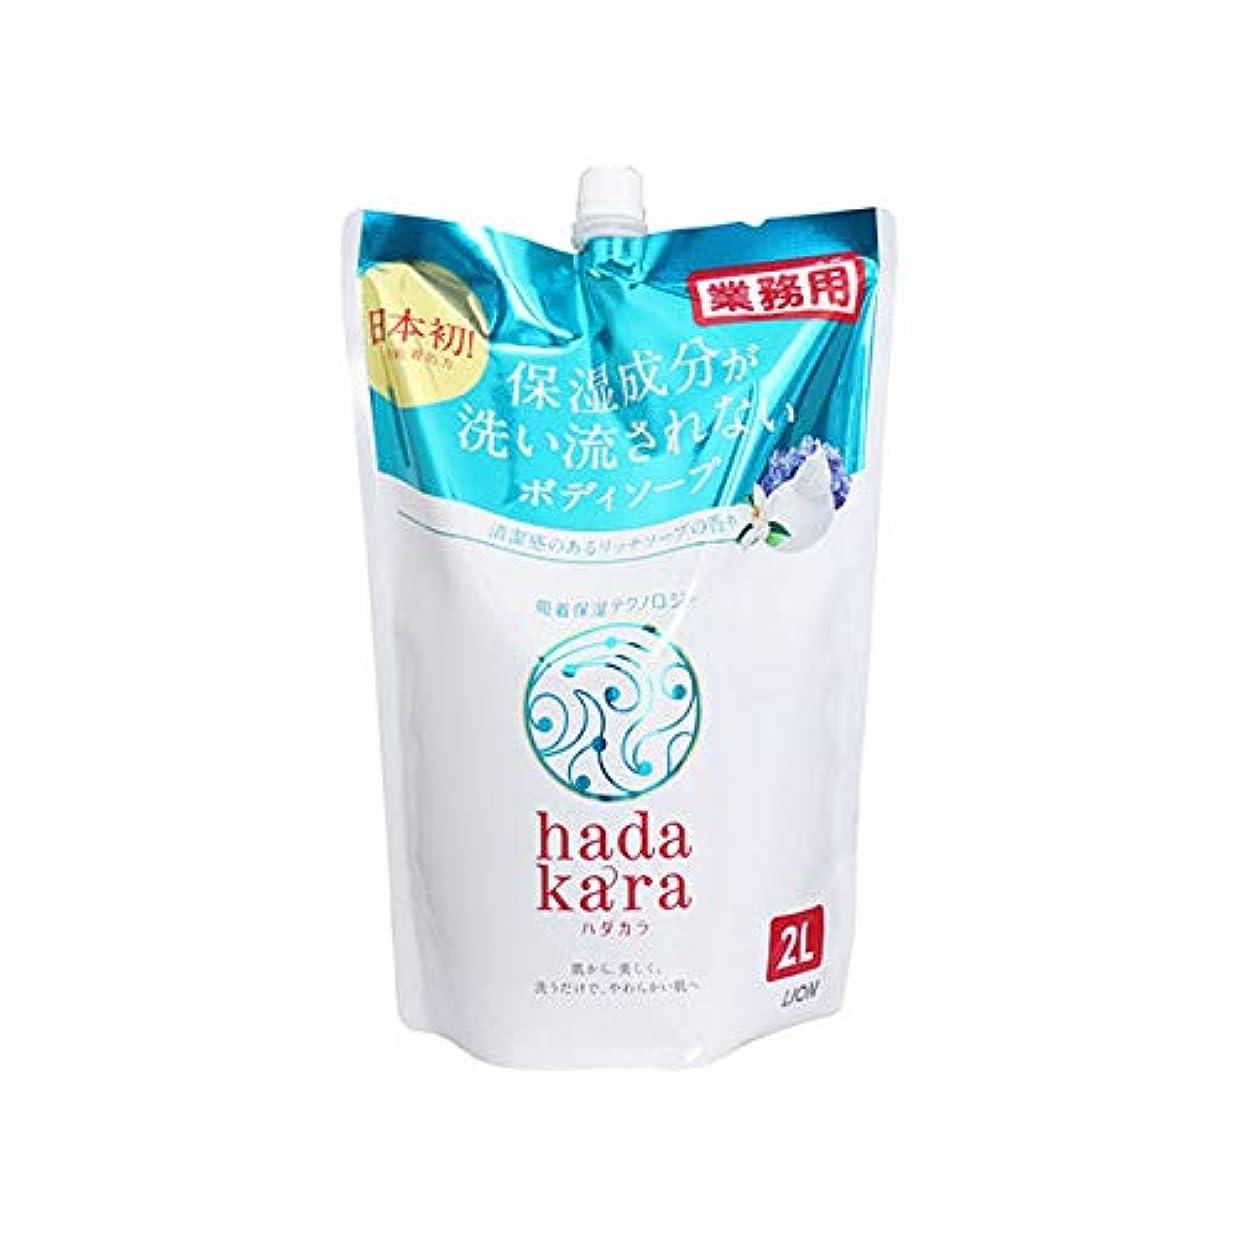 外部事件、出来事リズミカルな業務用 ボディーソープ ハダカラ hadakara ボディソープ リッチソープの香り 2L ライオン